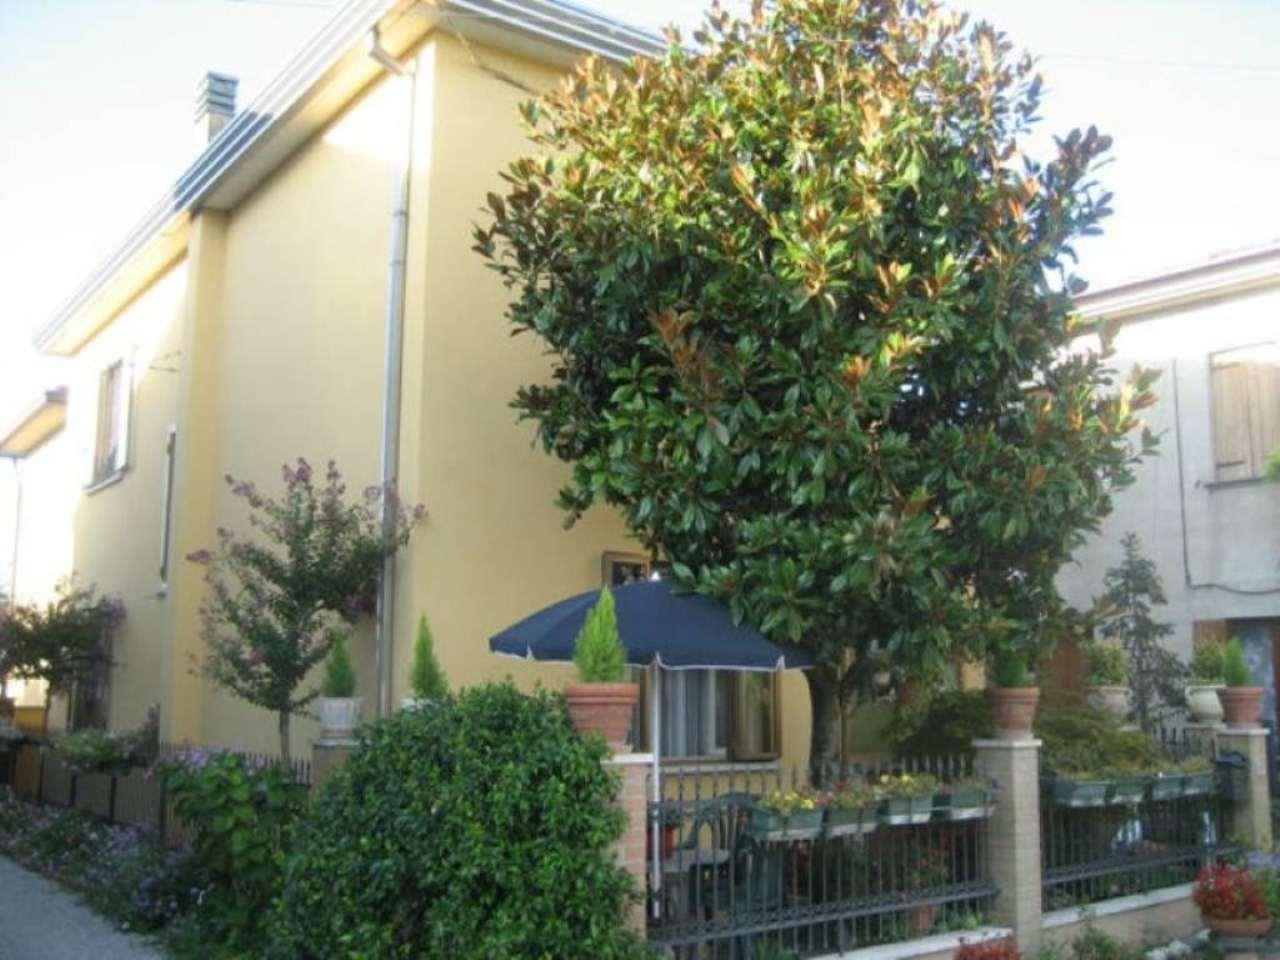 Soluzione Indipendente in vendita a Mirano, 8 locali, prezzo € 185.000 | Cambio Casa.it